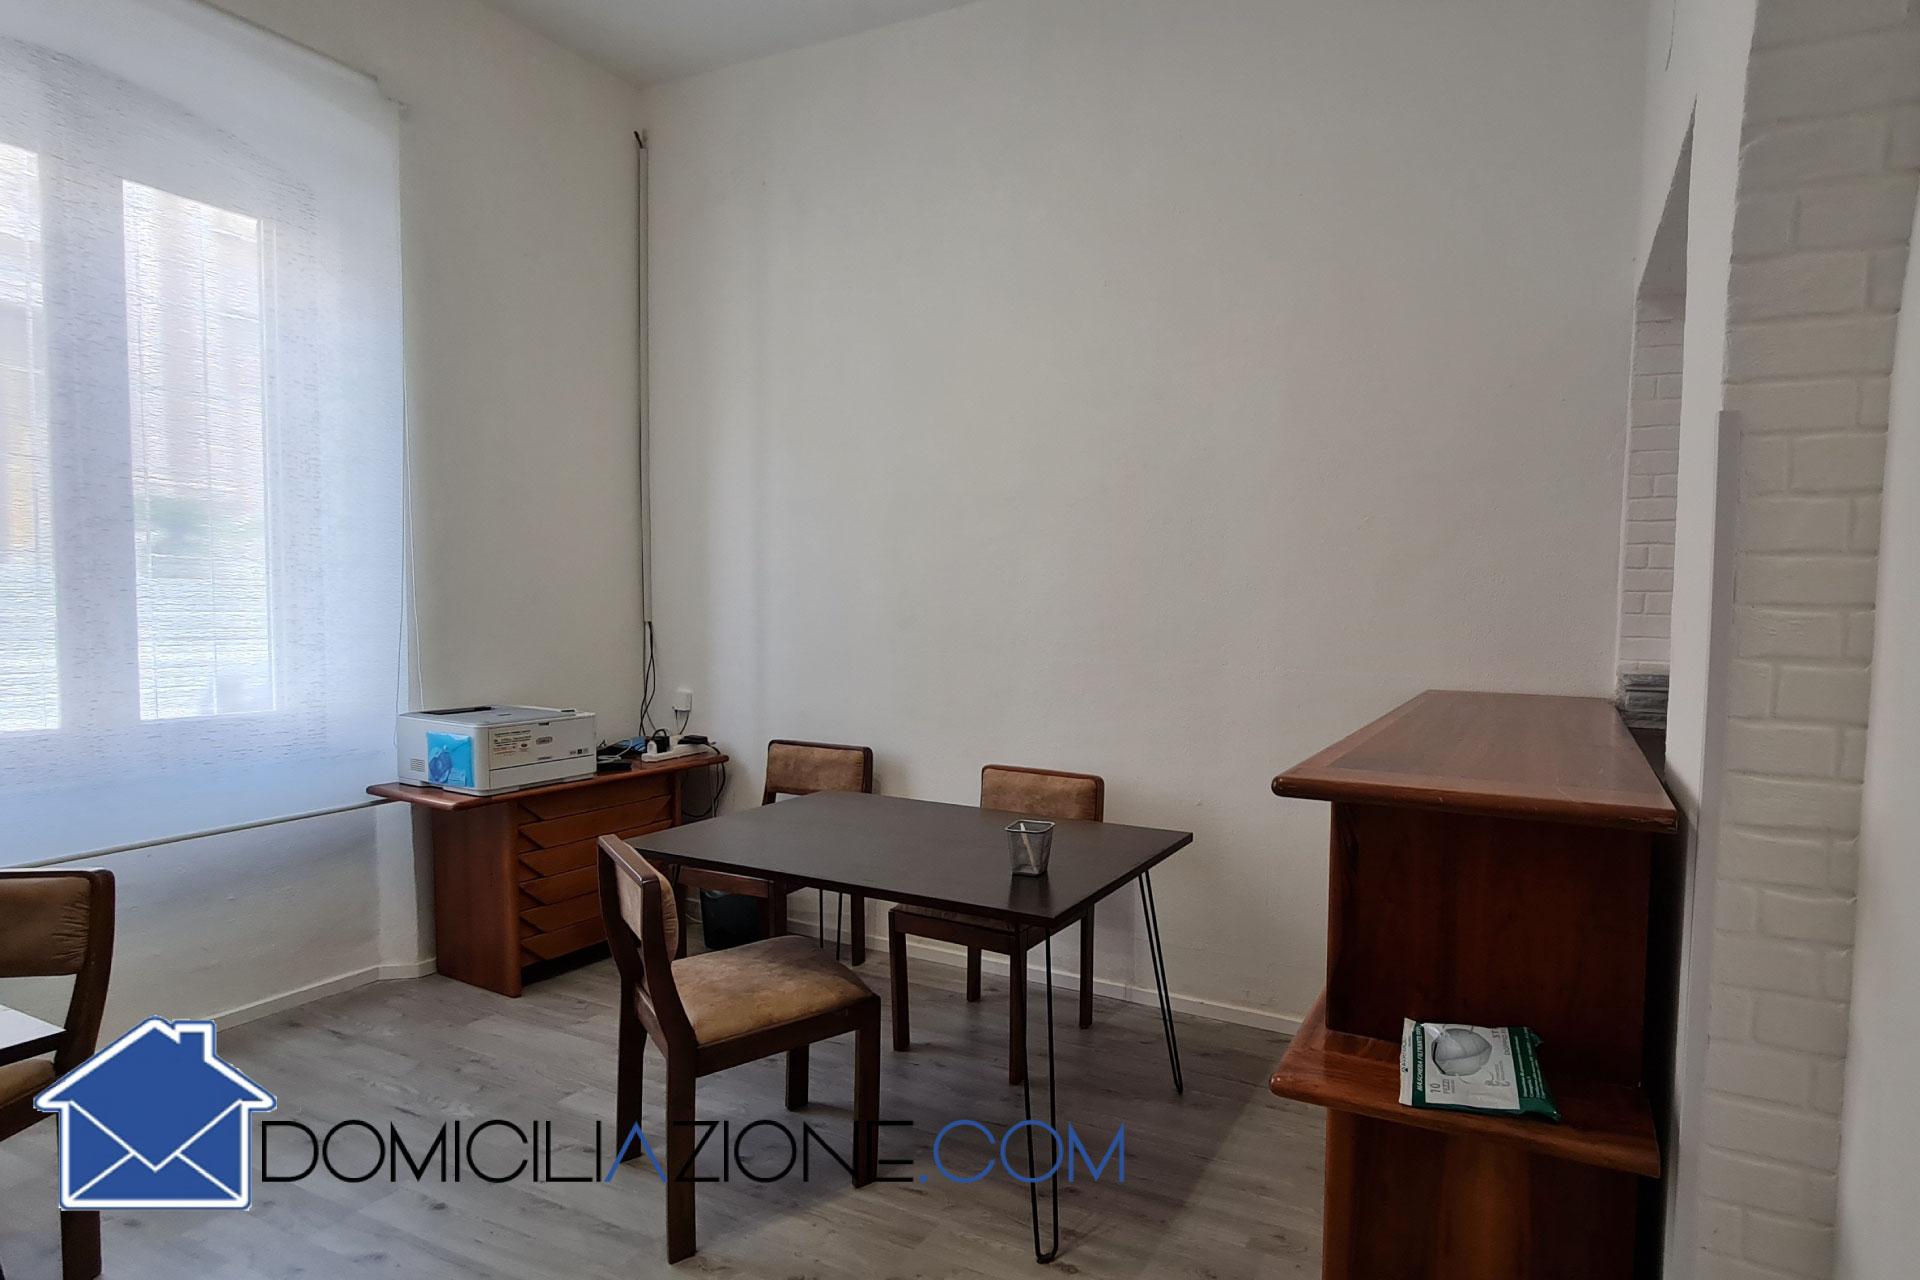 Affitto sede legale Reggio Calabria